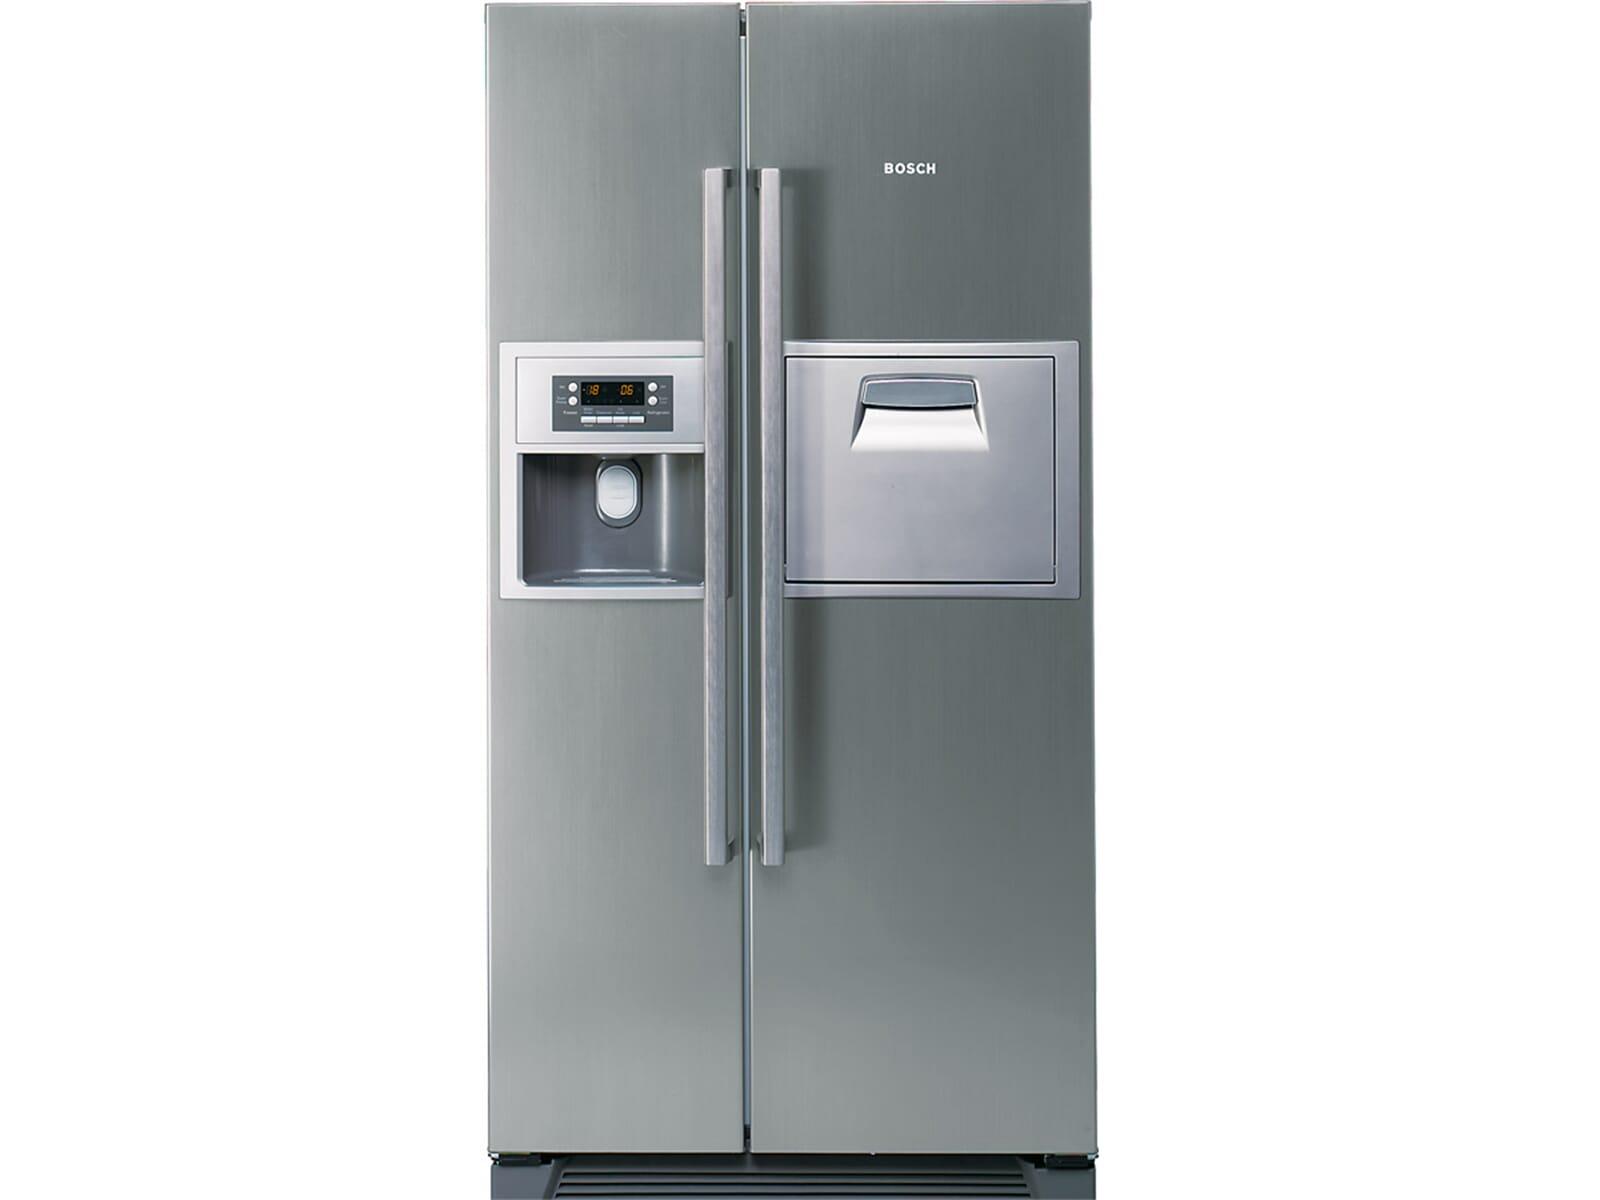 Aeg Kühlschrank Handbuch : Kühlschrank einstellen aeg ske81226zf einbau kühlschrank nische 123cm